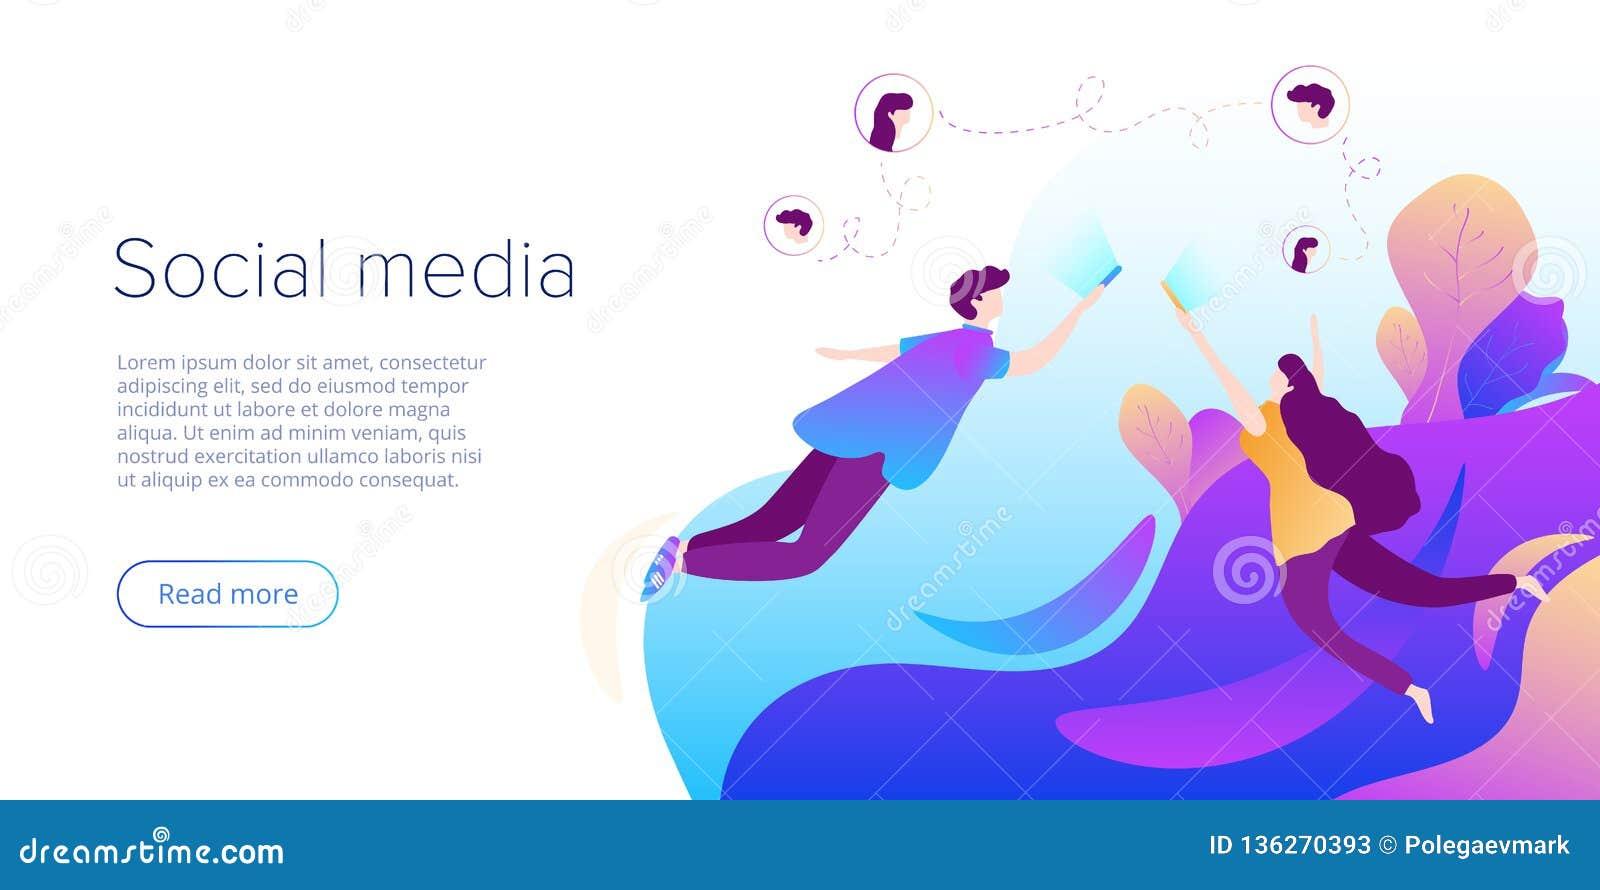 Κοινωνική έννοια συνομιλίας μέσων στη διανυσματική απεικόνιση Teens χρησιμοποιώντας smartphones για εικονικά σχόλια συνομιλίας, δ